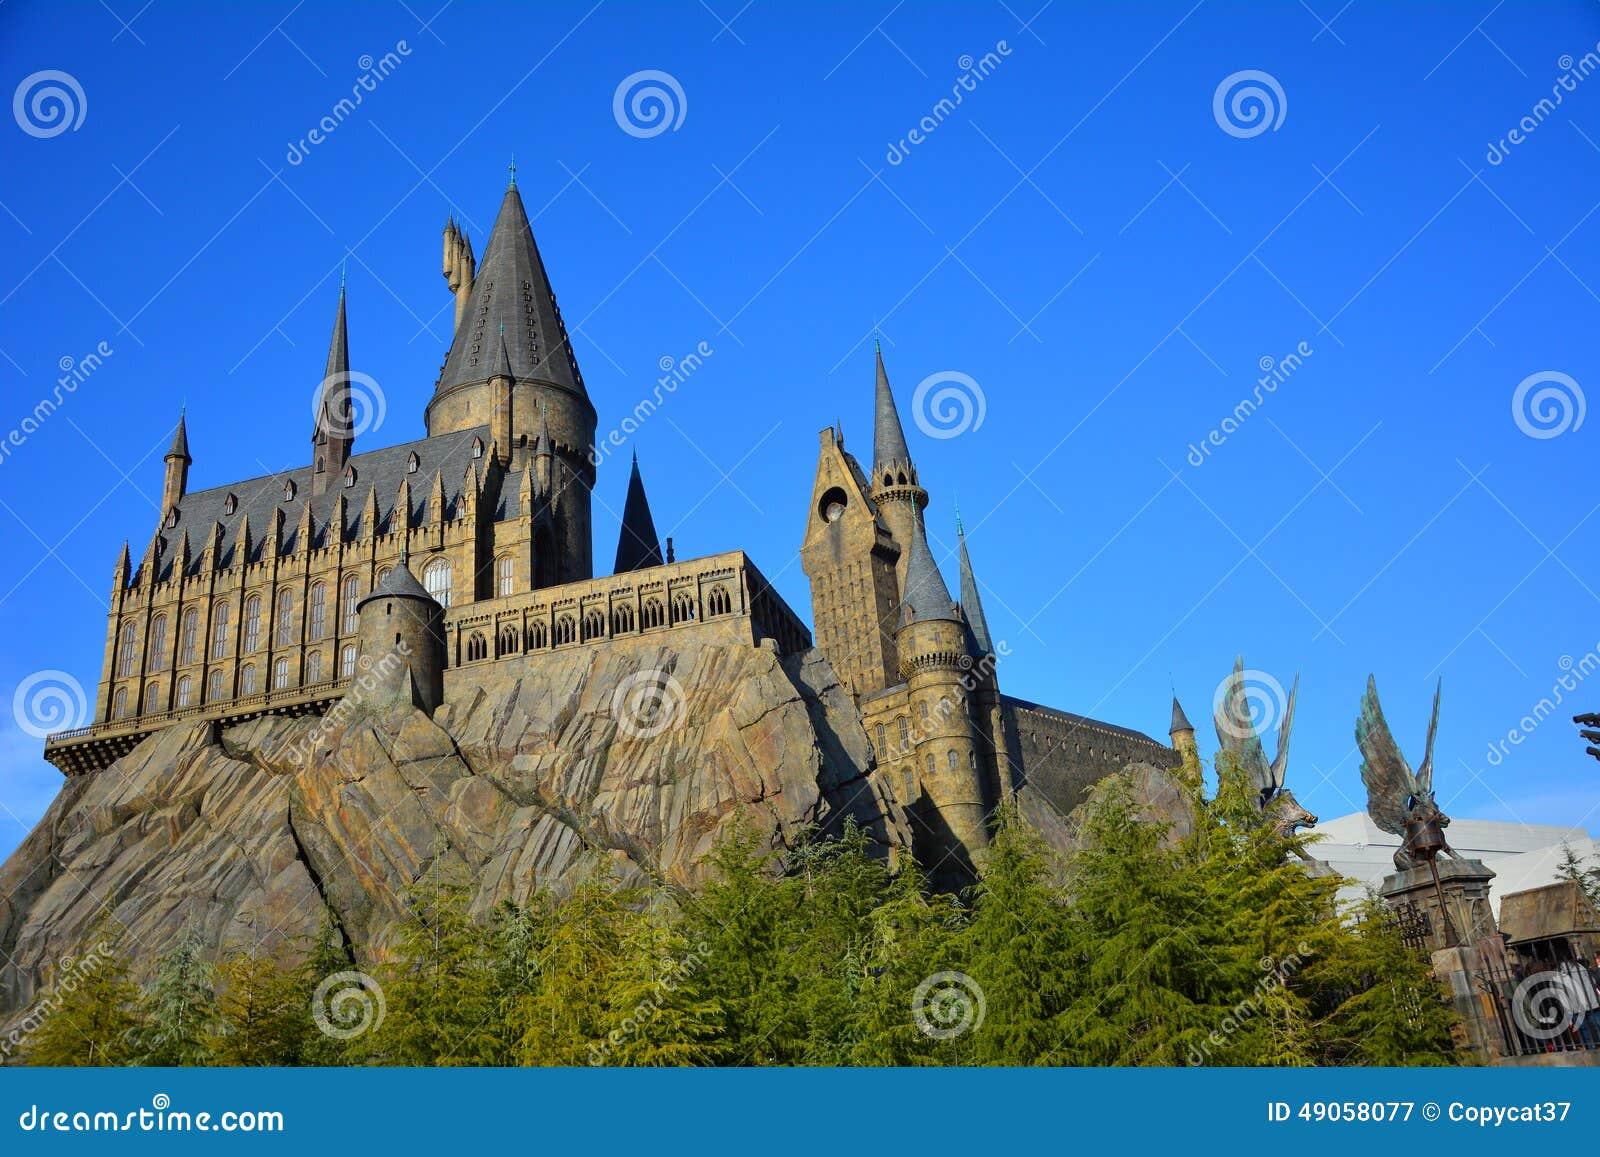 De Wizarding-Wereld van Harry Potter in Universele Studio, Osaka